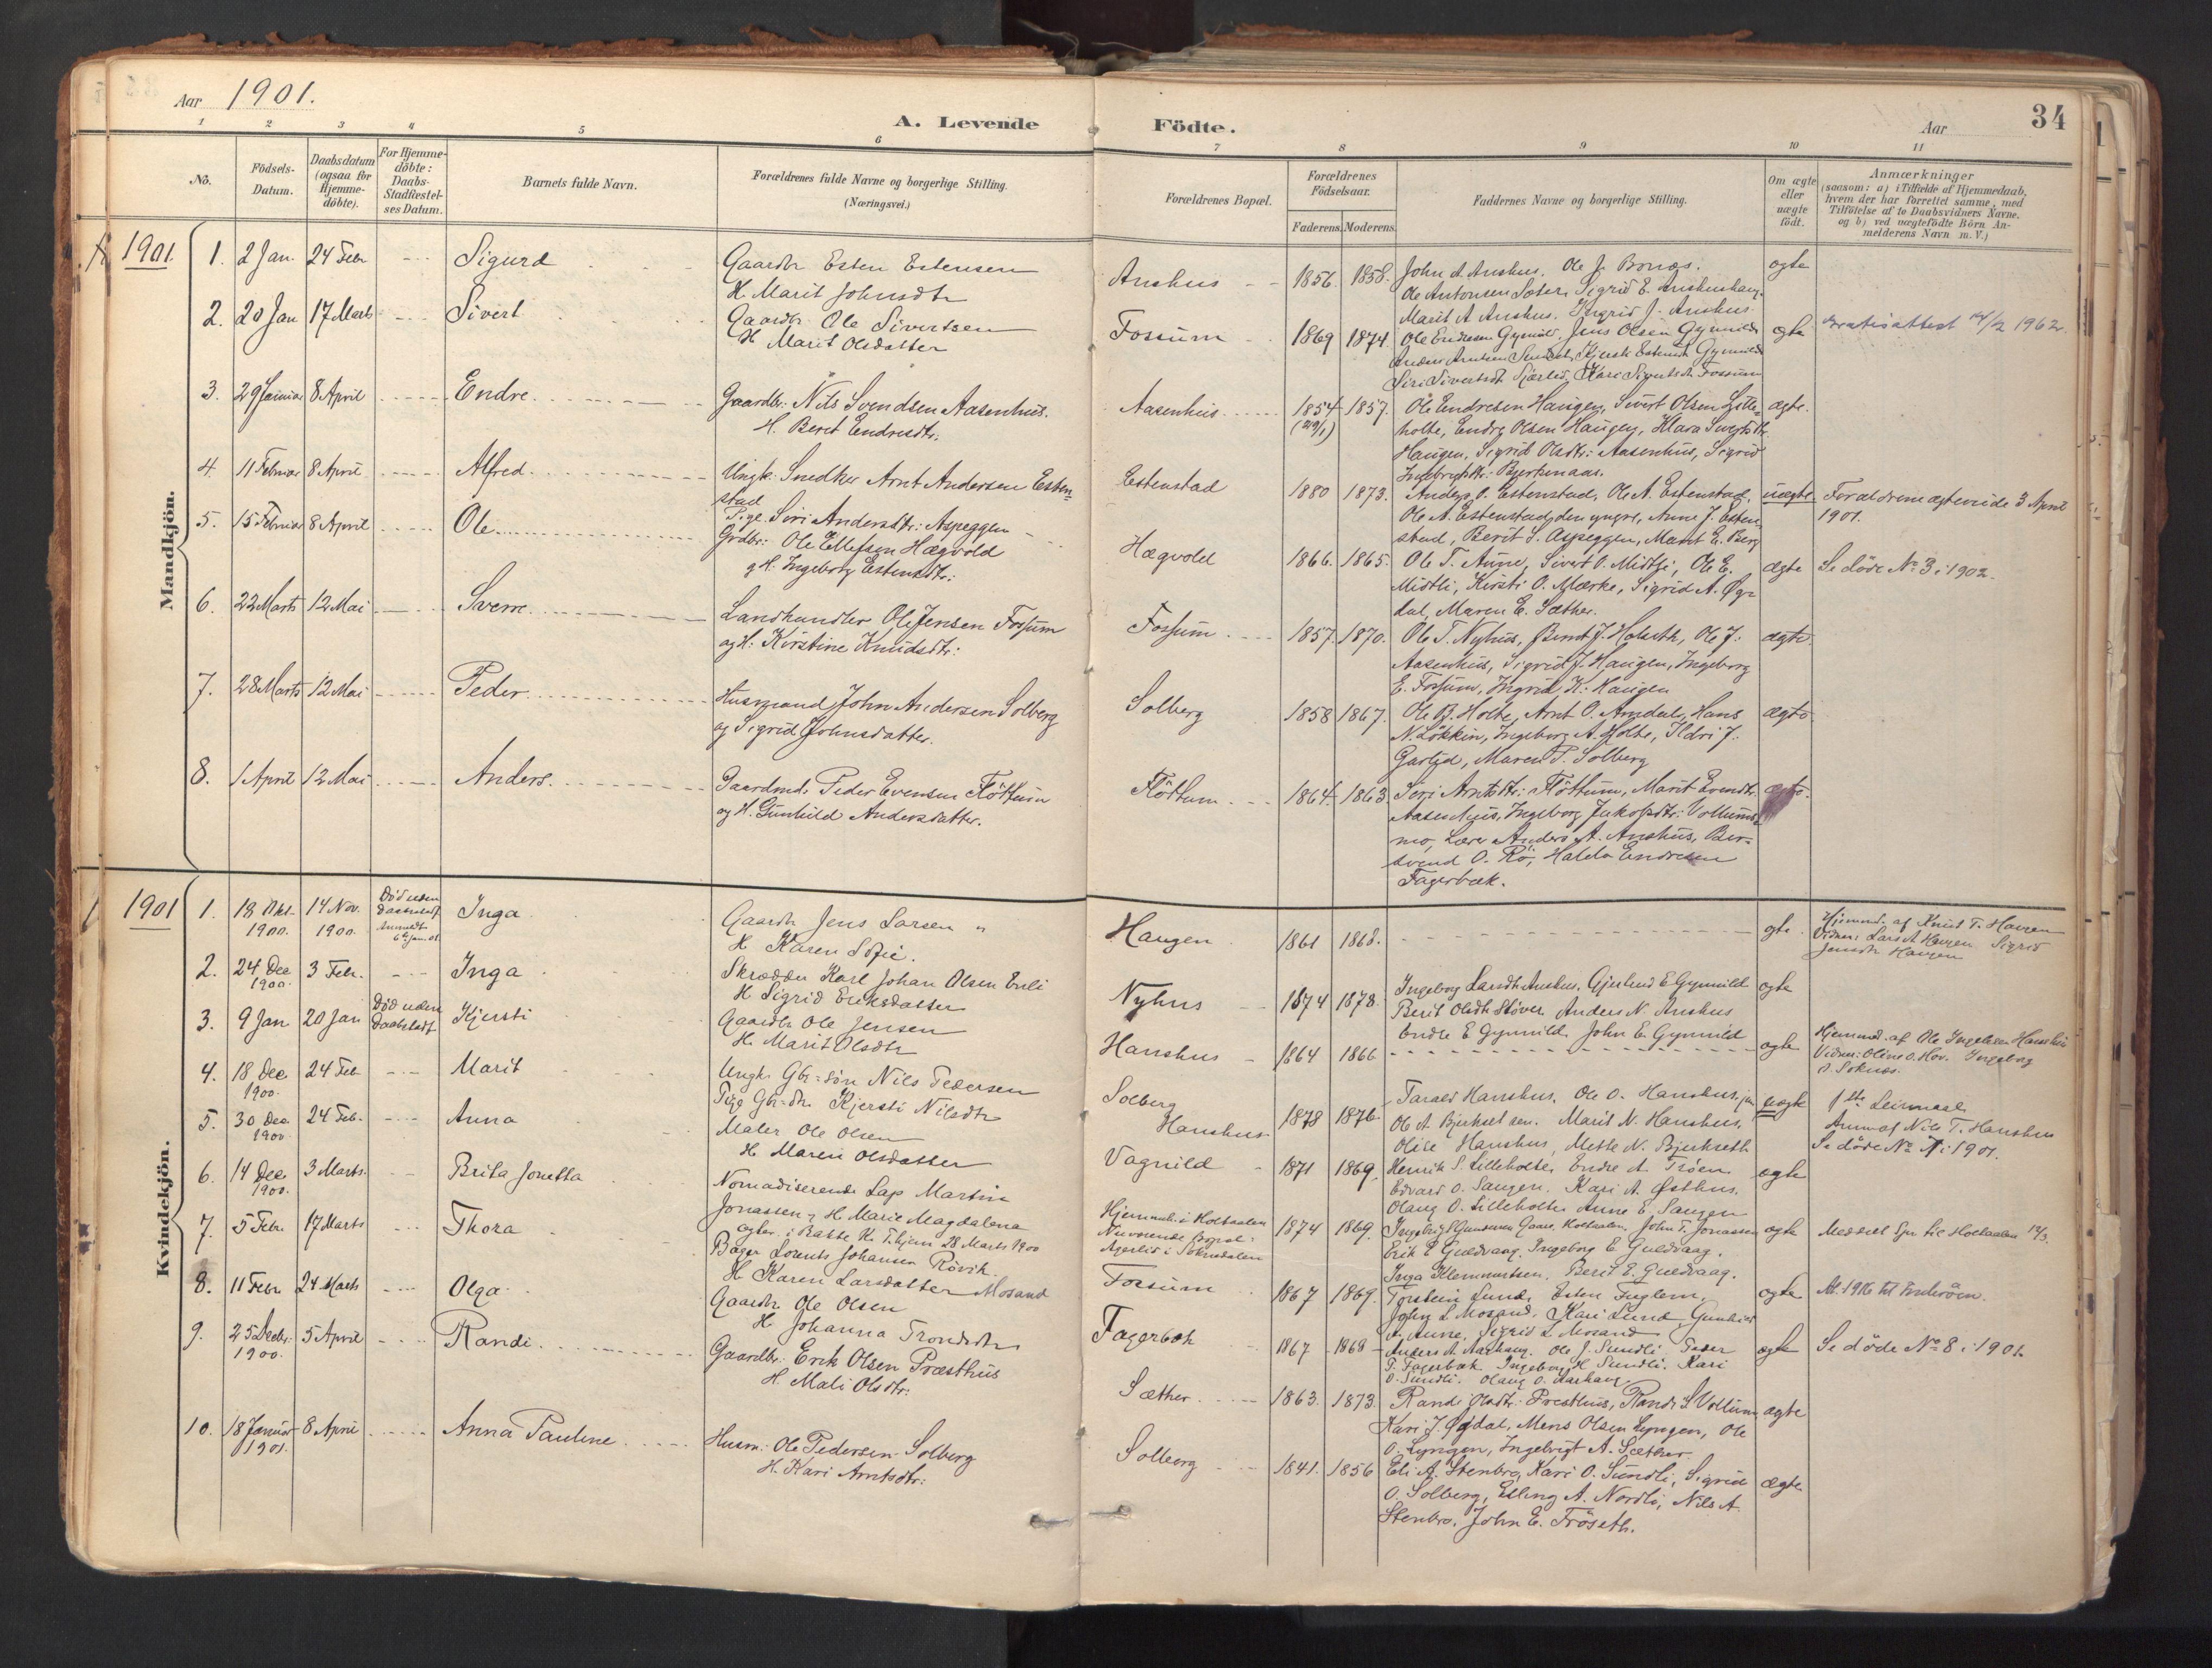 SAT, Ministerialprotokoller, klokkerbøker og fødselsregistre - Sør-Trøndelag, 689/L1041: Ministerialbok nr. 689A06, 1891-1923, s. 34